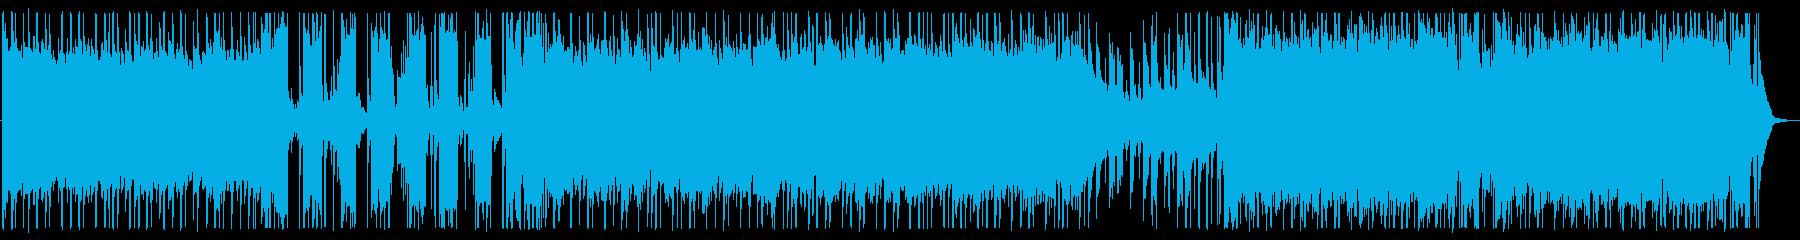 爽やか/バンドサウンド/生演奏No510の再生済みの波形